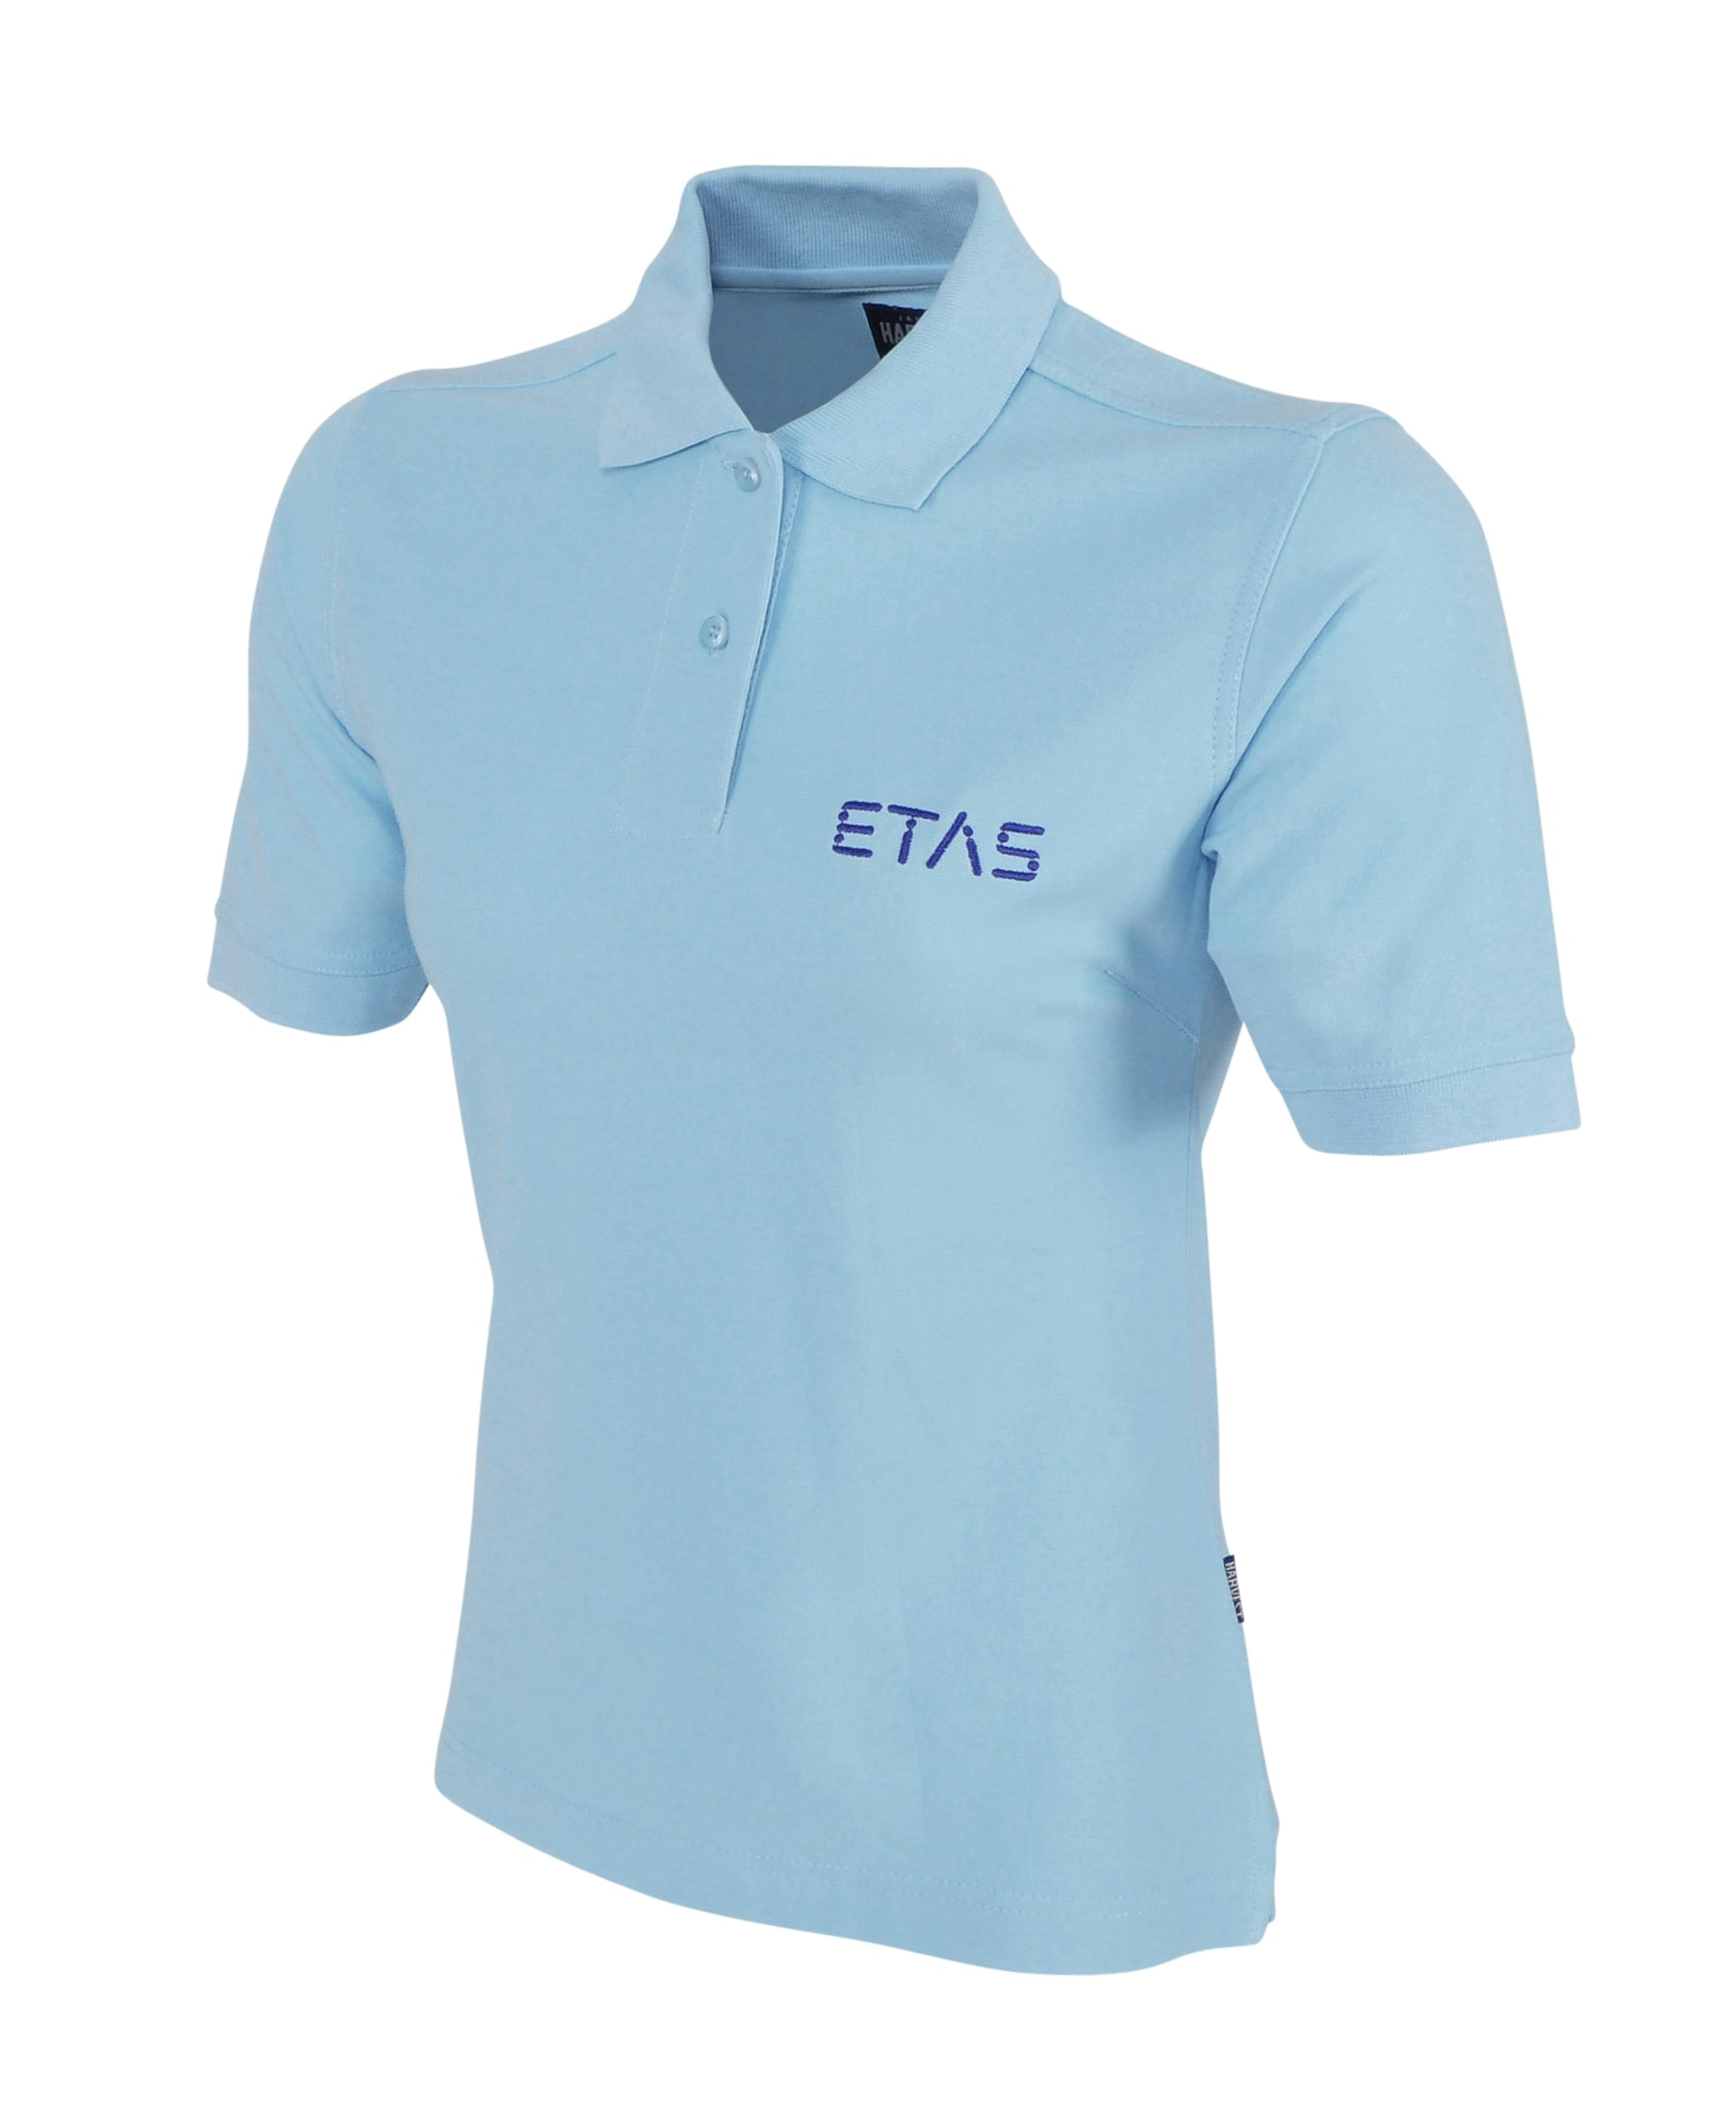 Arbeitskleidung für ETAS